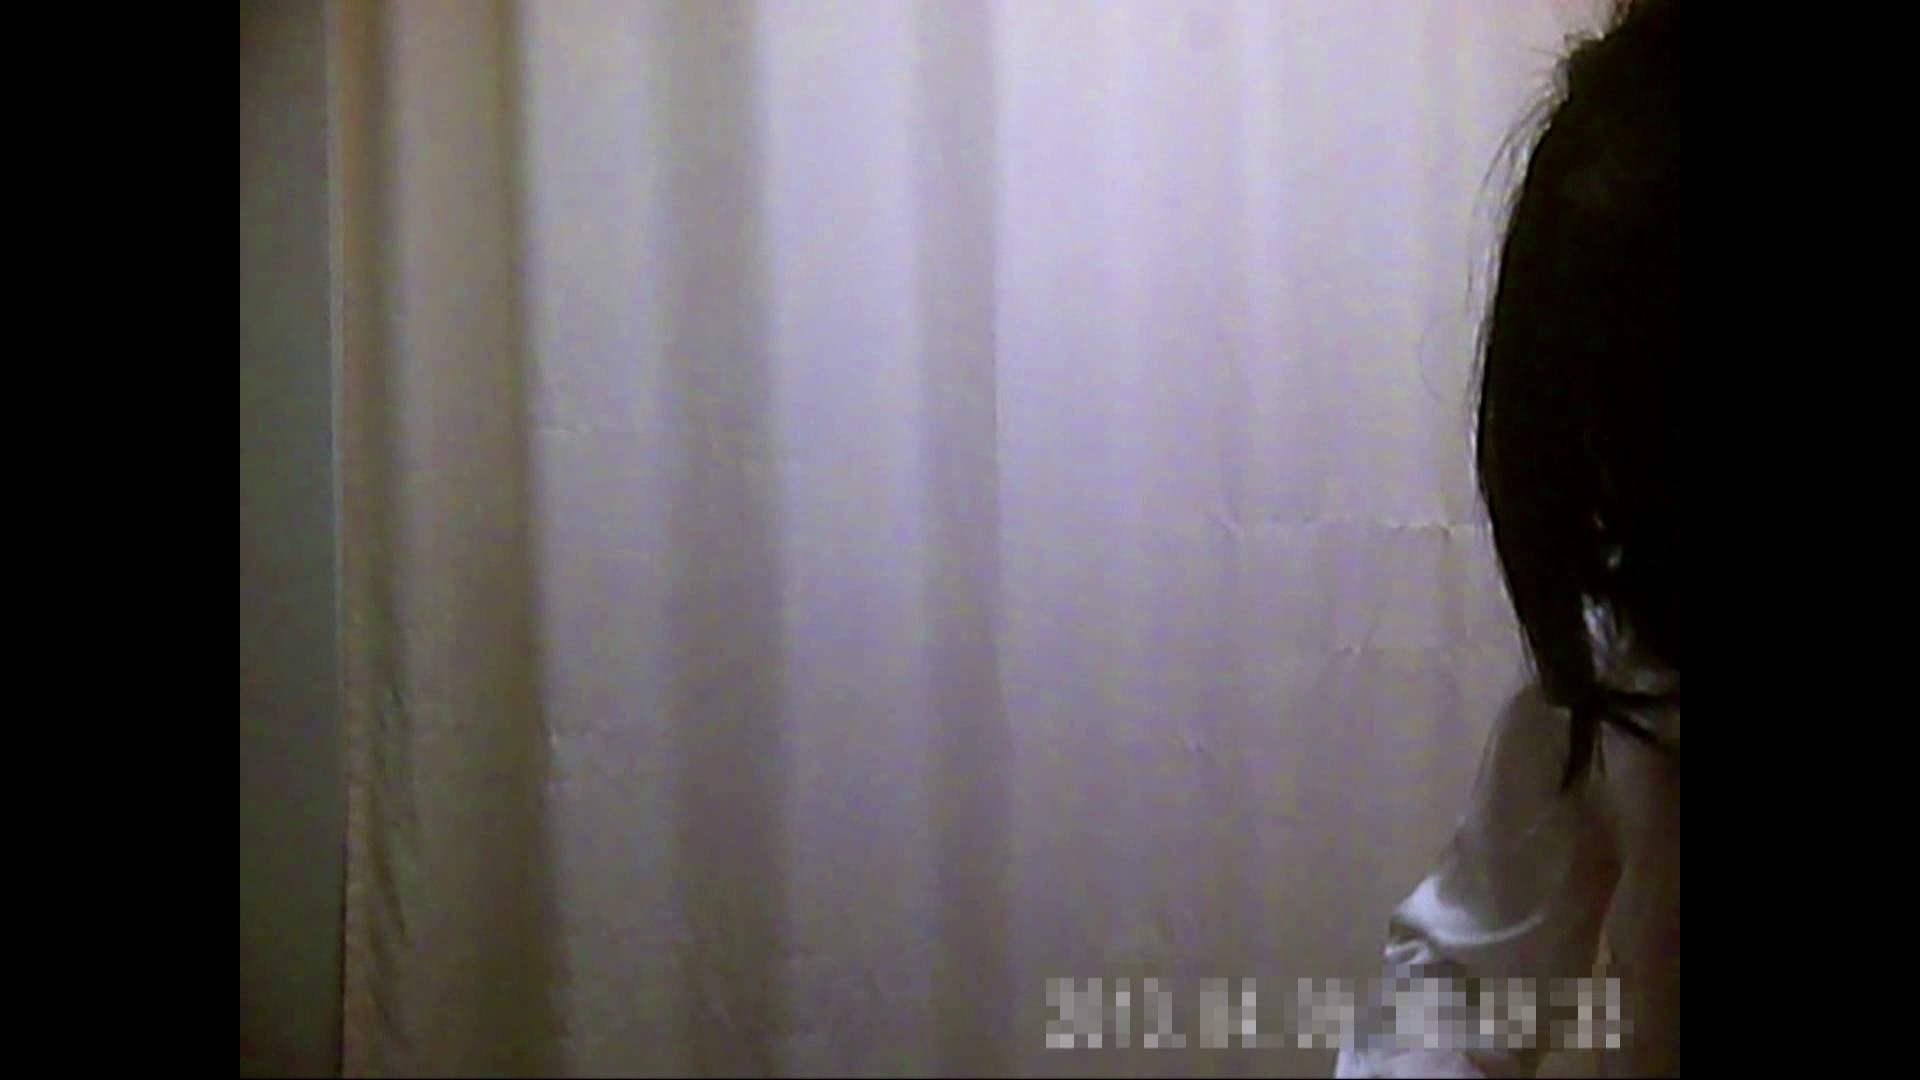 病院おもいっきり着替え! vol.199 美しいOLの裸体 オメコ無修正動画無料 96pic 86